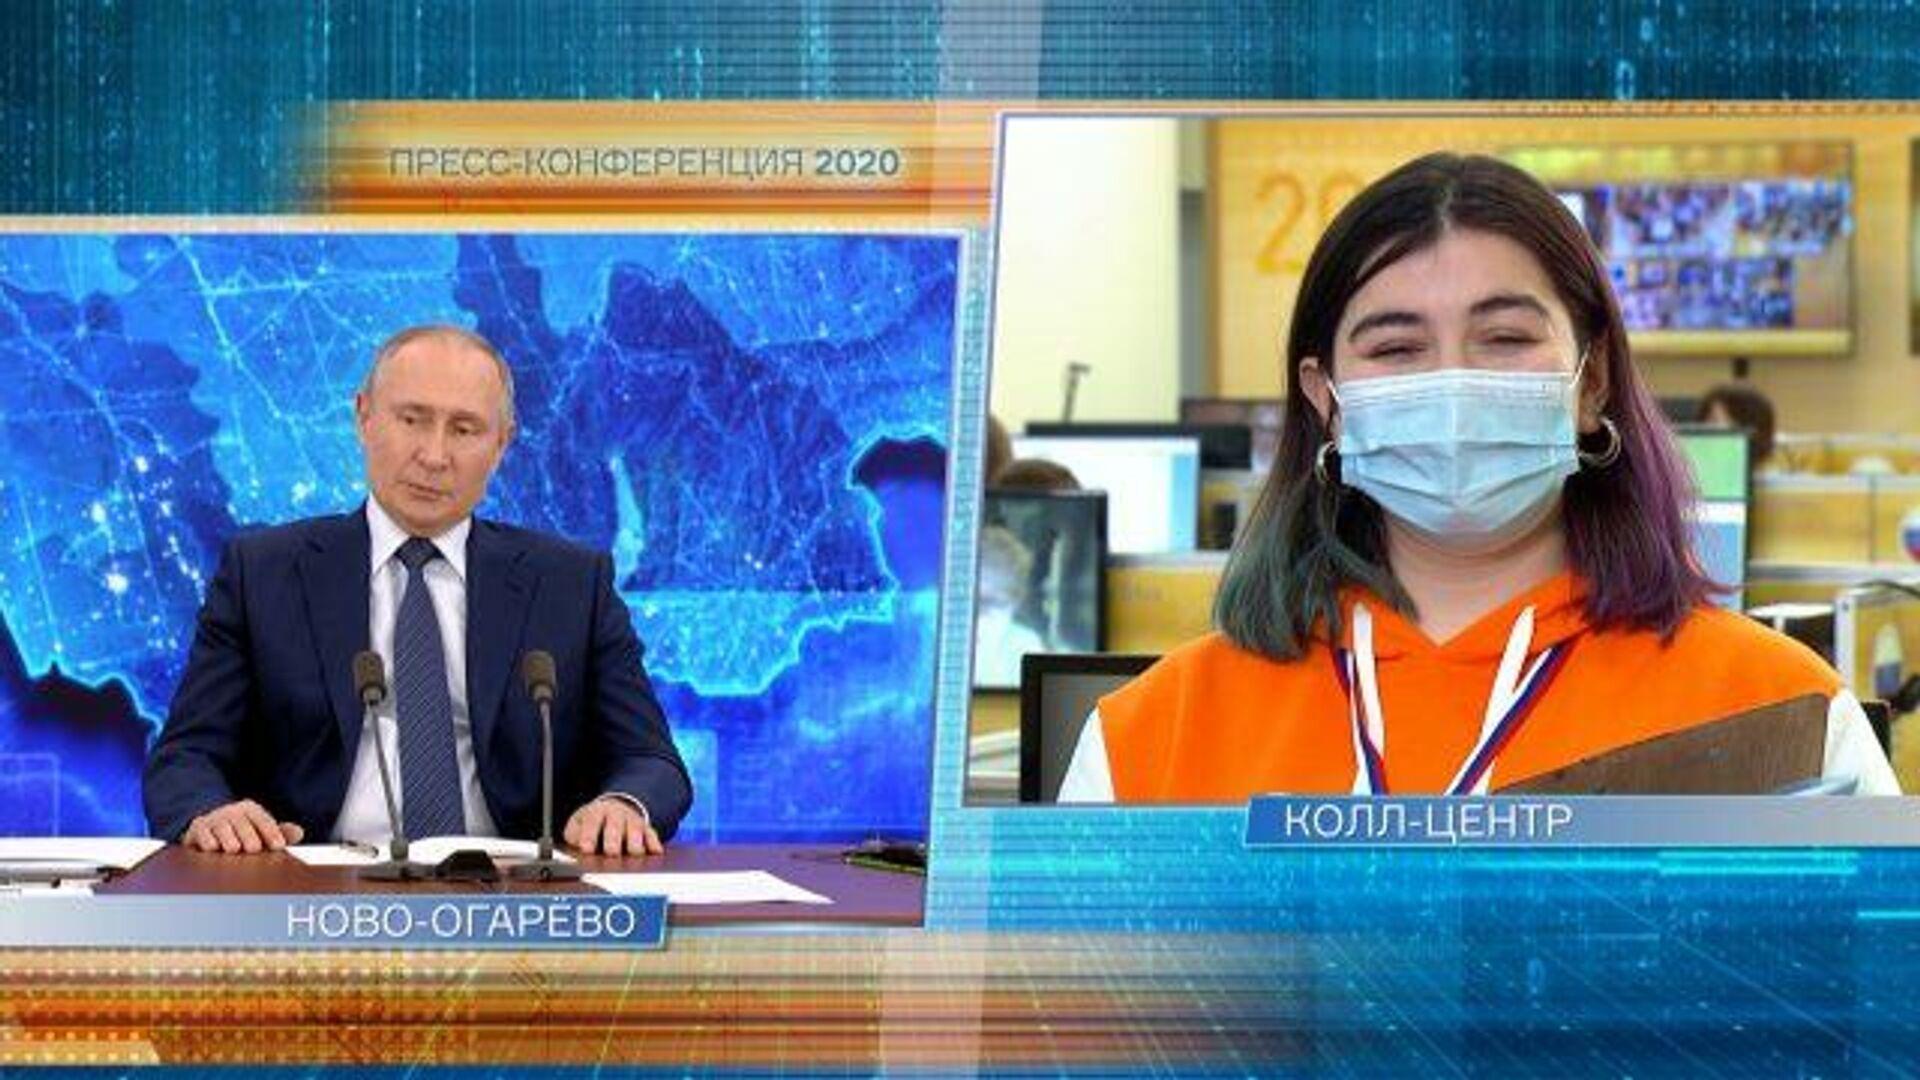 Володин поздравил Путина с днем рождения